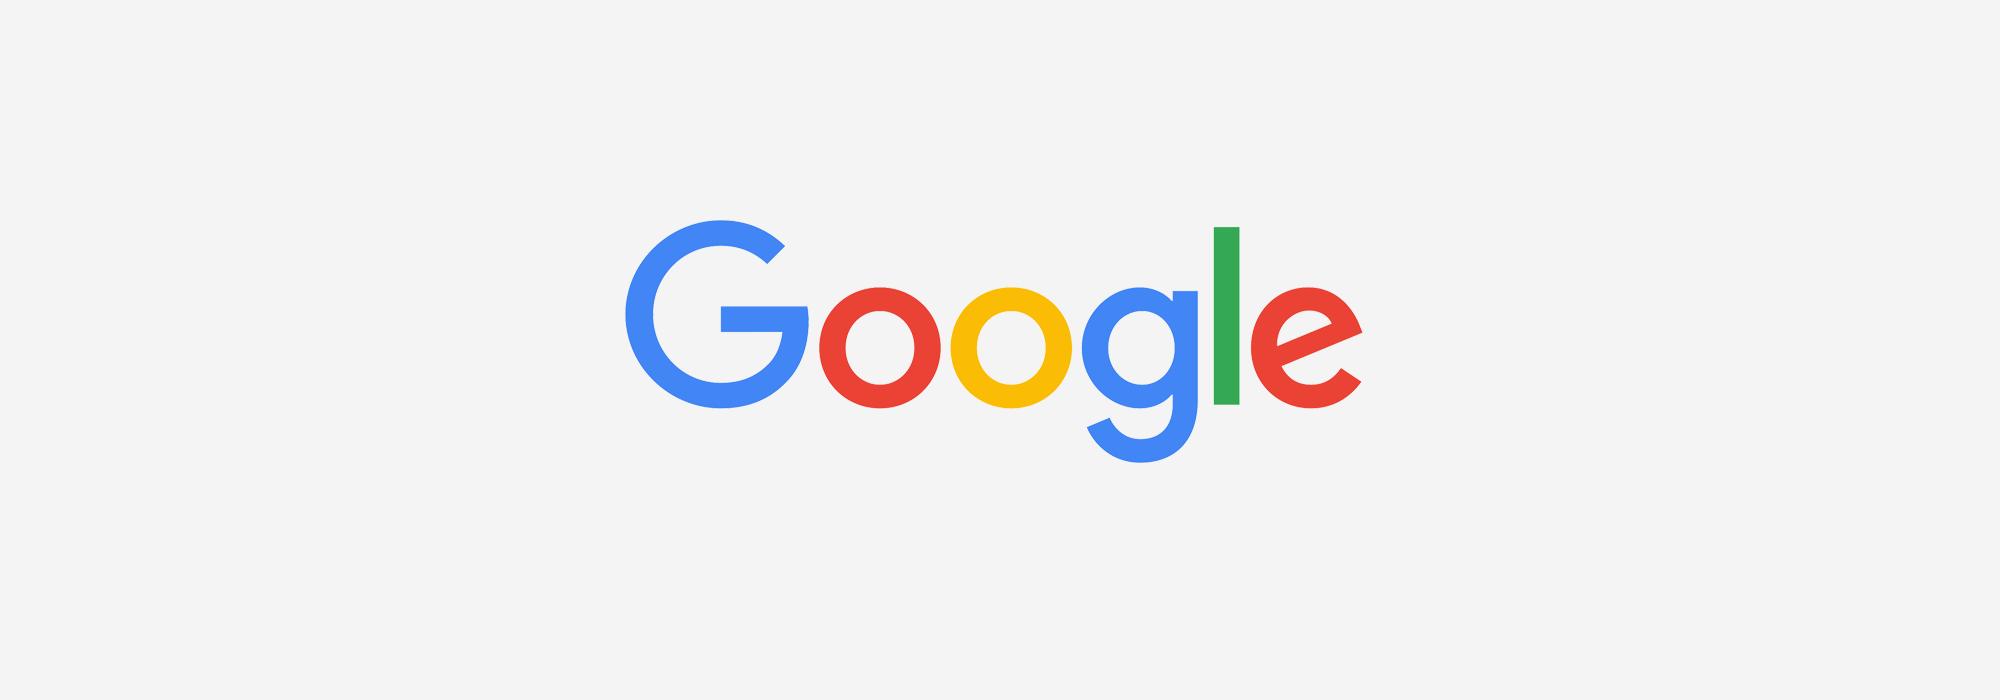 Google Logo auf grauem Hintergrund